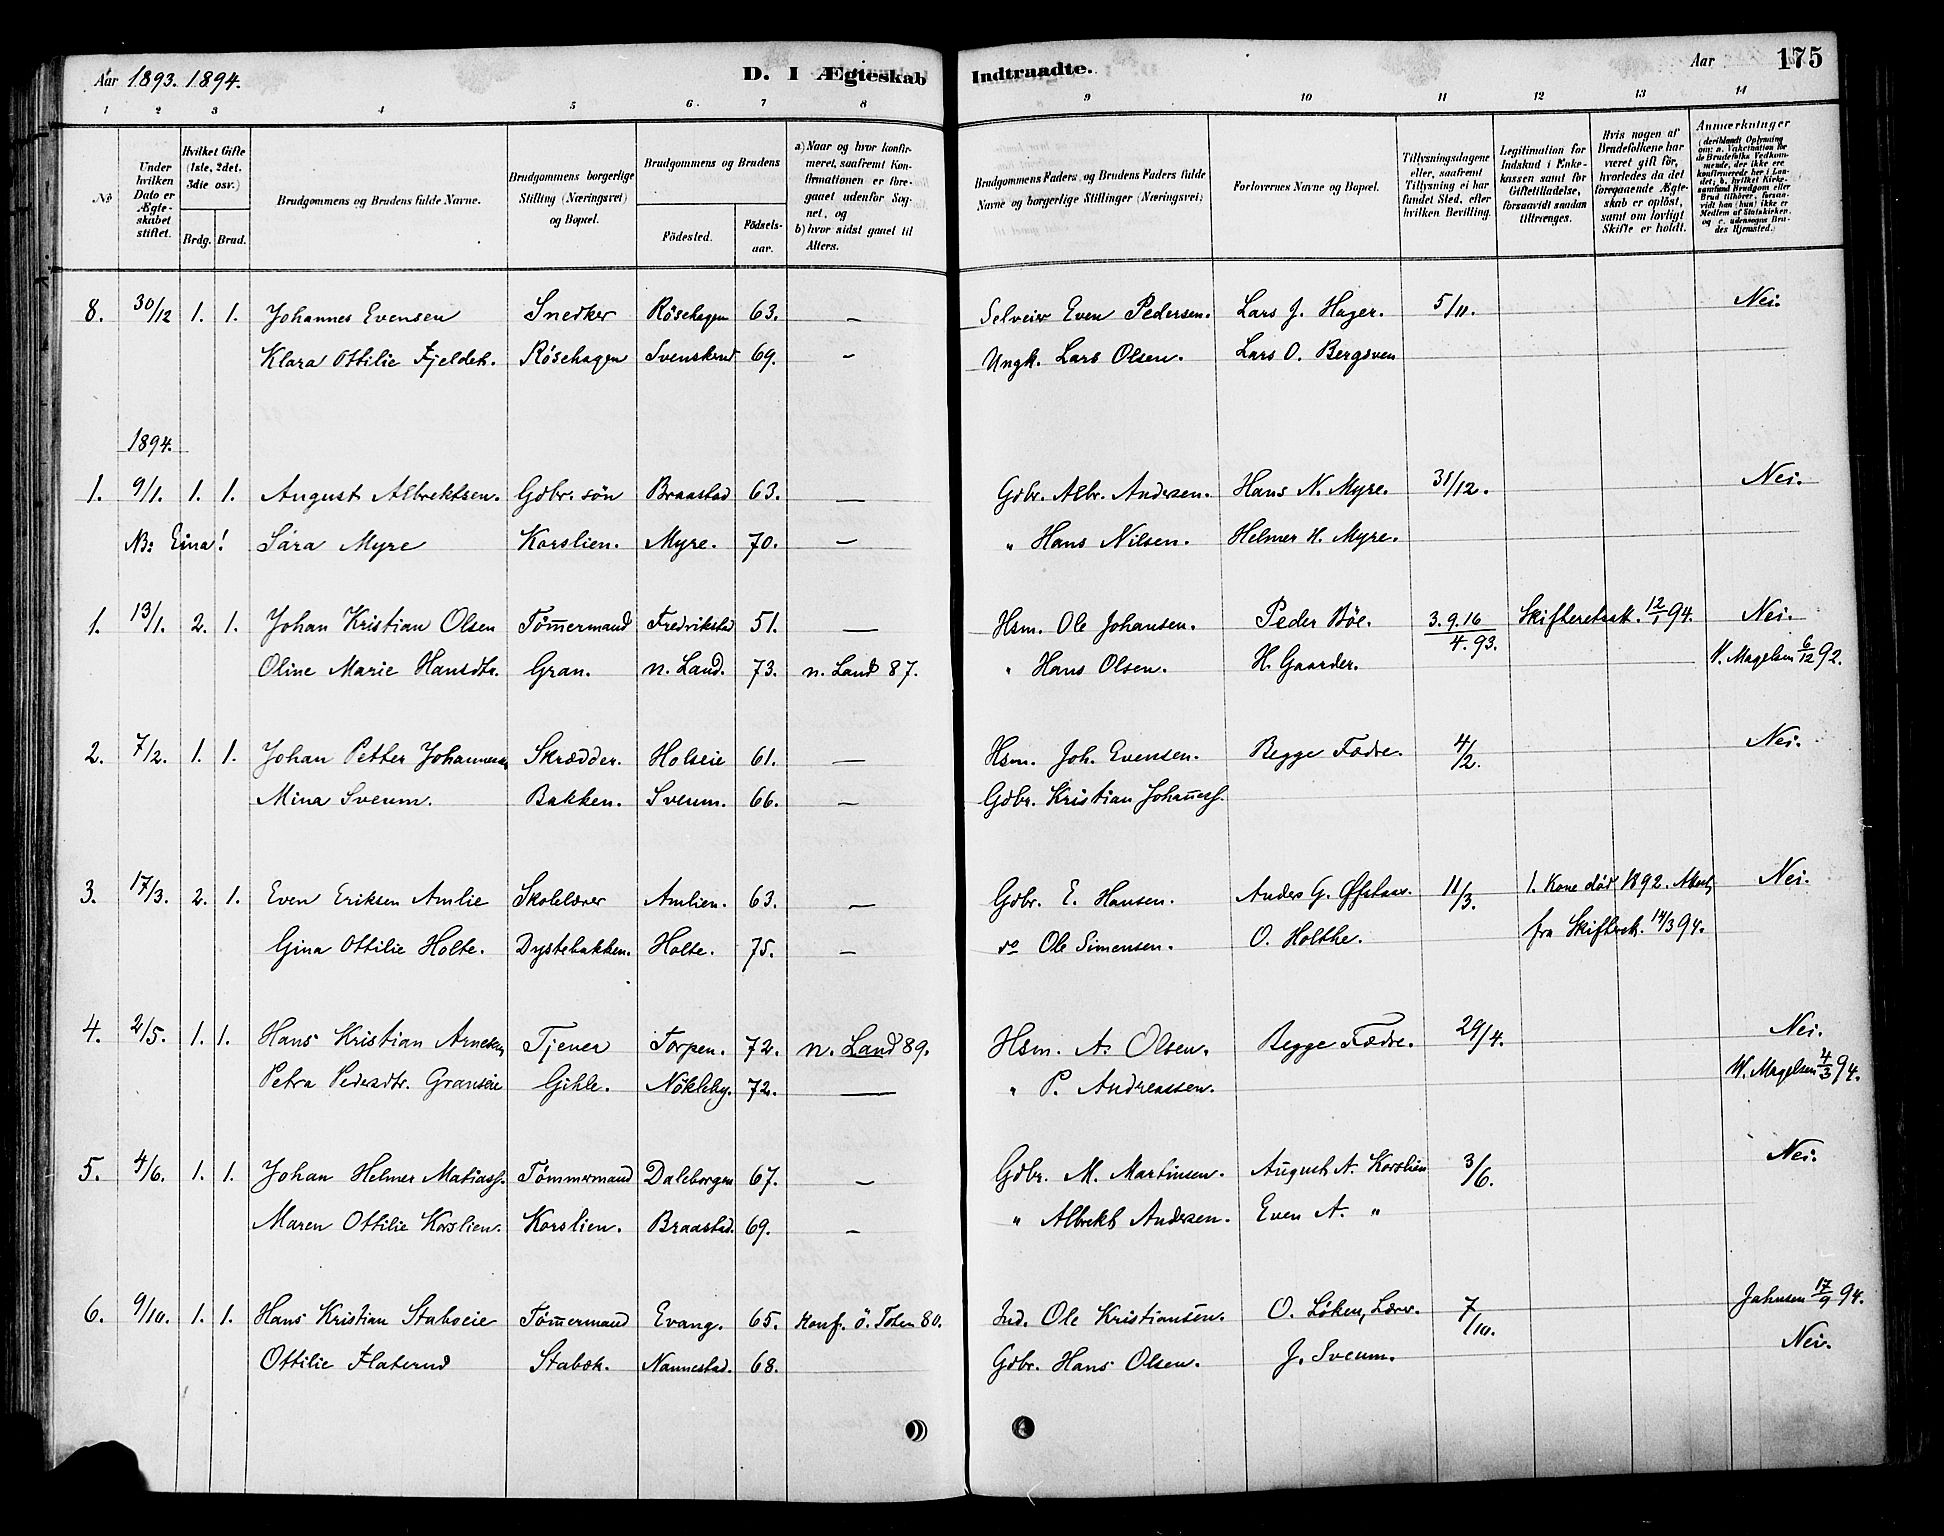 SAH, Vestre Toten prestekontor, Ministerialbok nr. 10, 1878-1894, s. 175